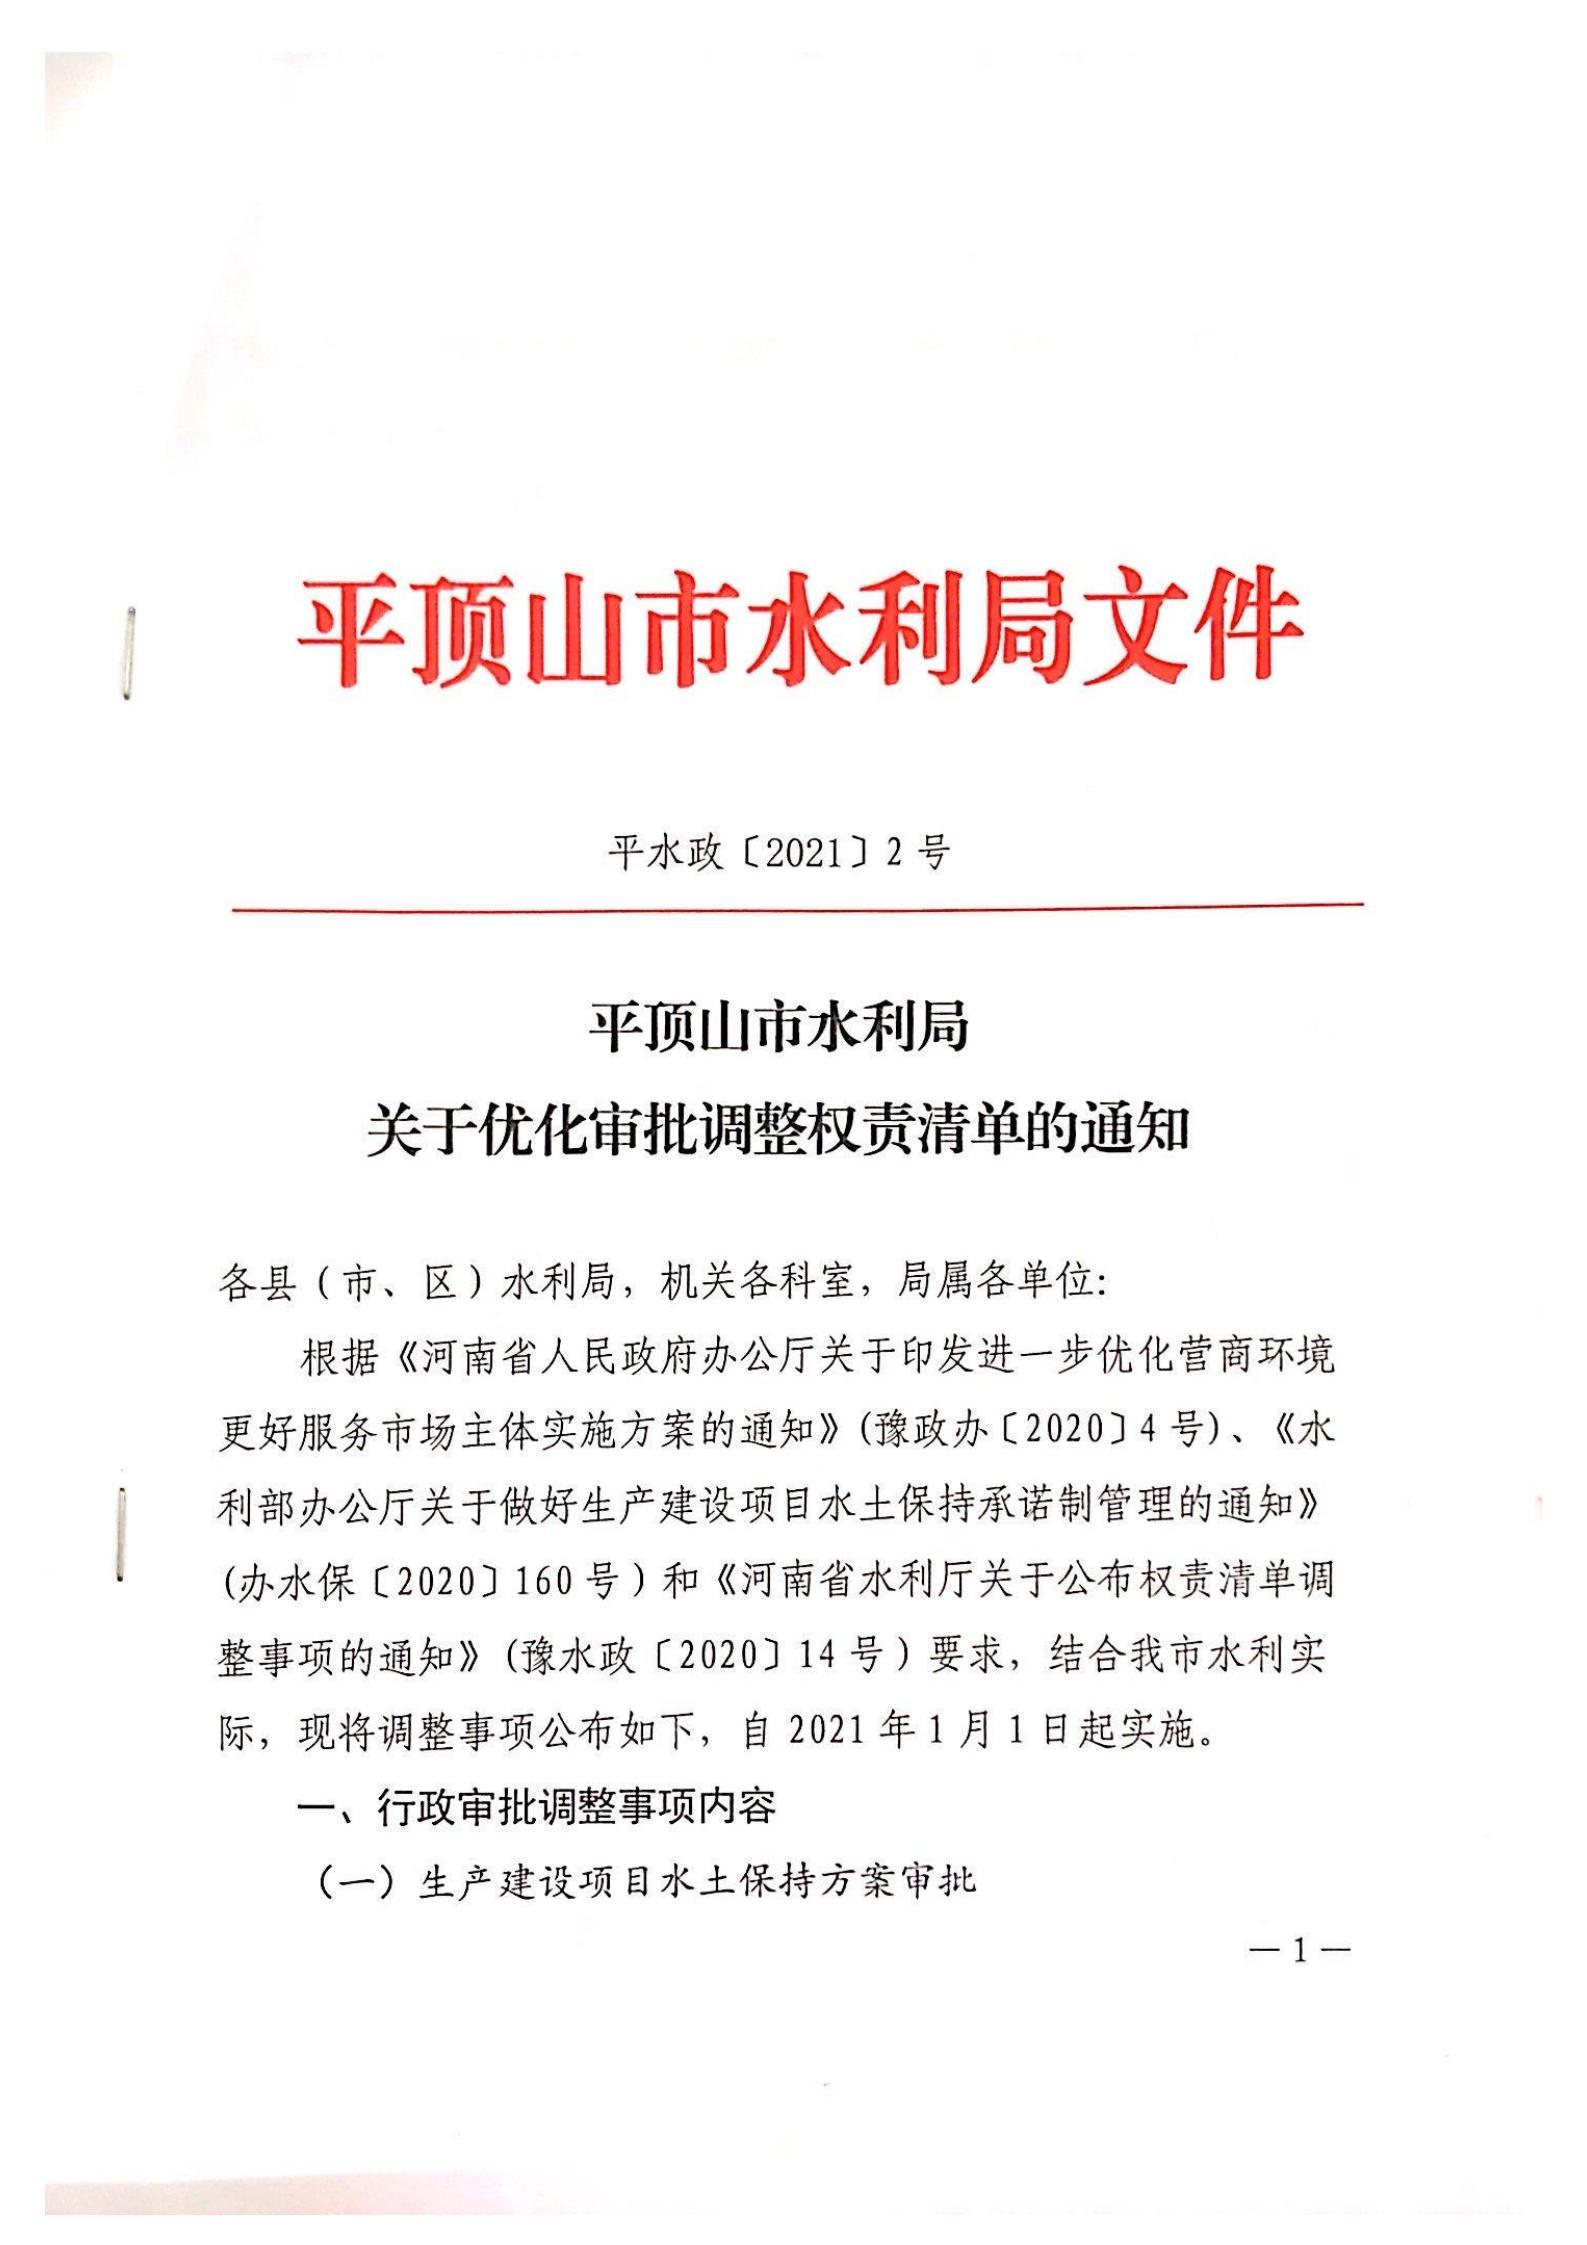 平水政2021-2号 关于优化审批调整权责清单的通知_00.jpg